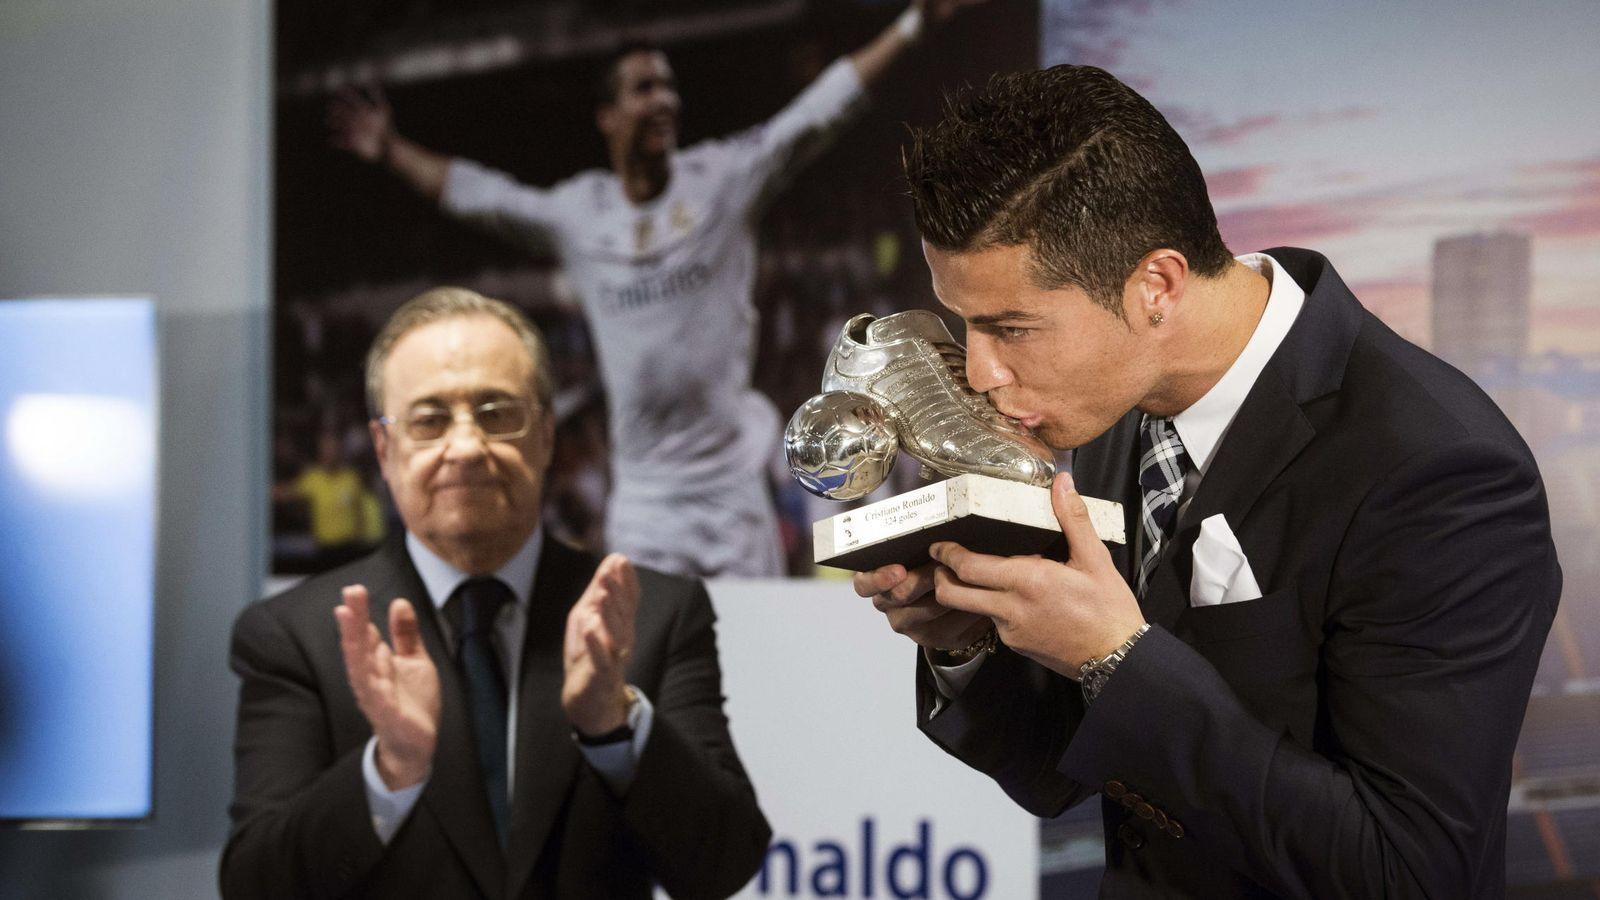 Foto: Las relaciones entre Florentino Pérez y Cristiano Ronaldo siempre estuvieron cargadas de tensión (EFE)